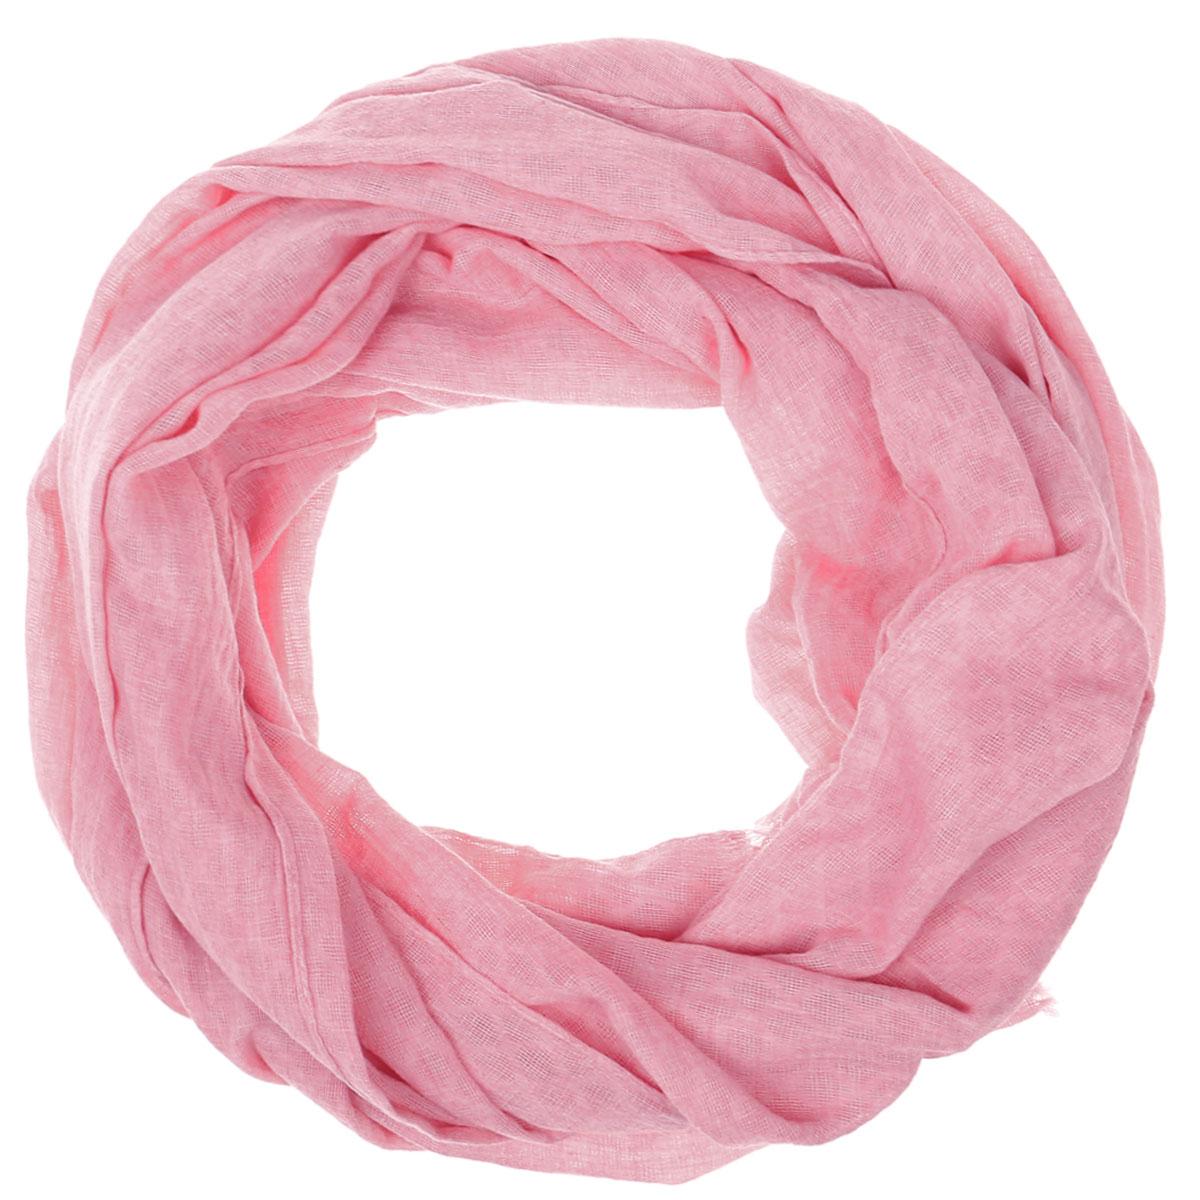 Палантин женский Vittorio Richi, цвет: розовый. Ro02PS1633/1. Размер 70 см х 180 смRo02PS1633/1Легкий палантин Vittorio Rich изготовлен из полиэстера и шелка. Однотонный палантин оформлен выработкой ажурные ромбы. Обработка кромки - подрубка.